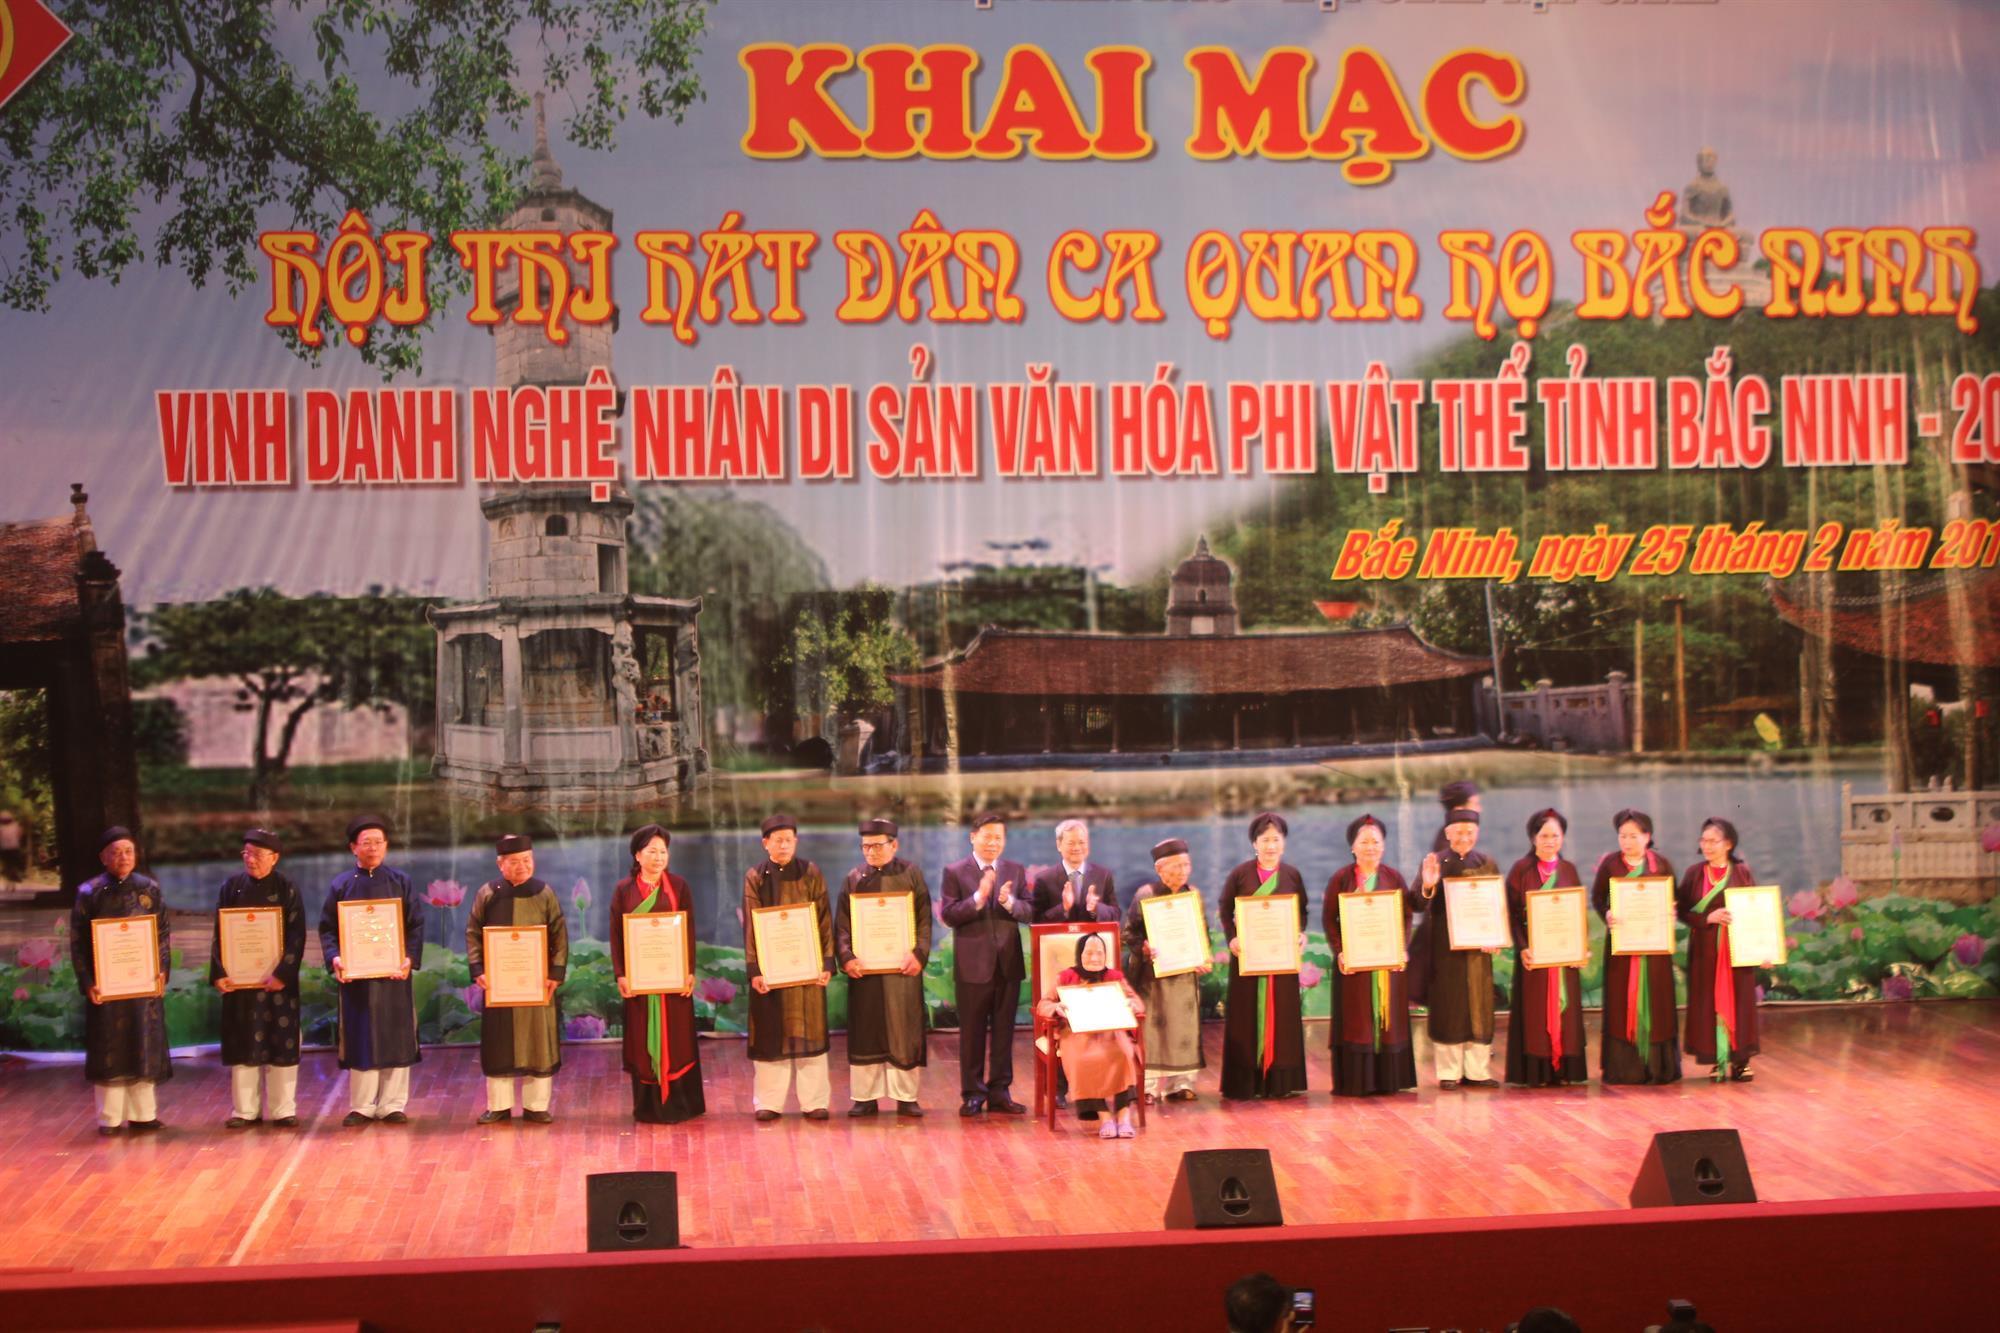 Khai mạc Hội thi hát Dân ca Quan họ Bắc Ninh xuân Mậu Tuất 2018 và Lễ Vinh danh Nghệ nhân Di sản văn hóa phi vật thể tỉnh